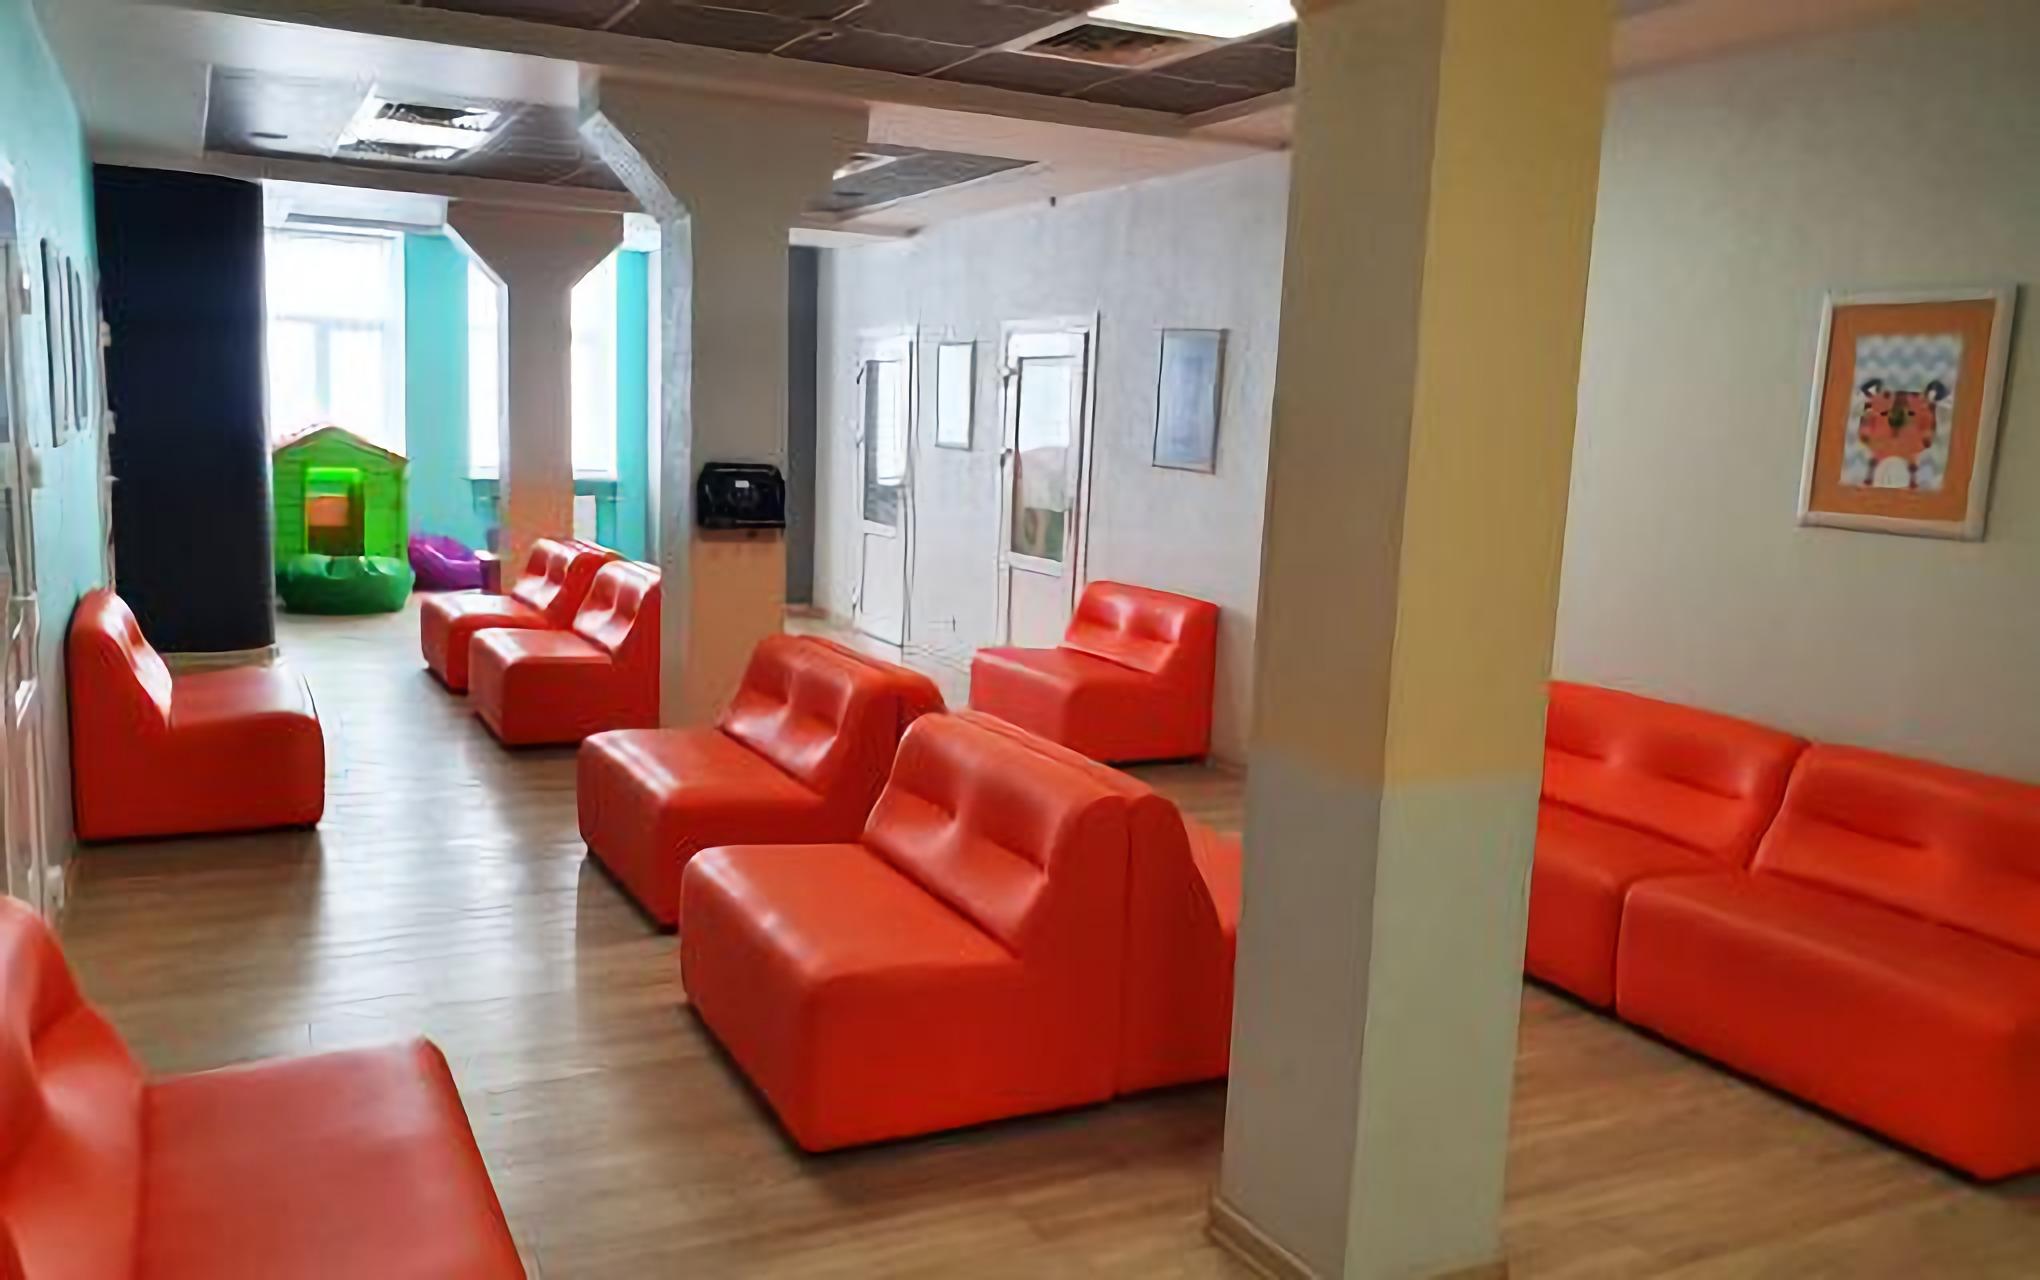 Waiting room in the Novy Zir Clinic in Kiev